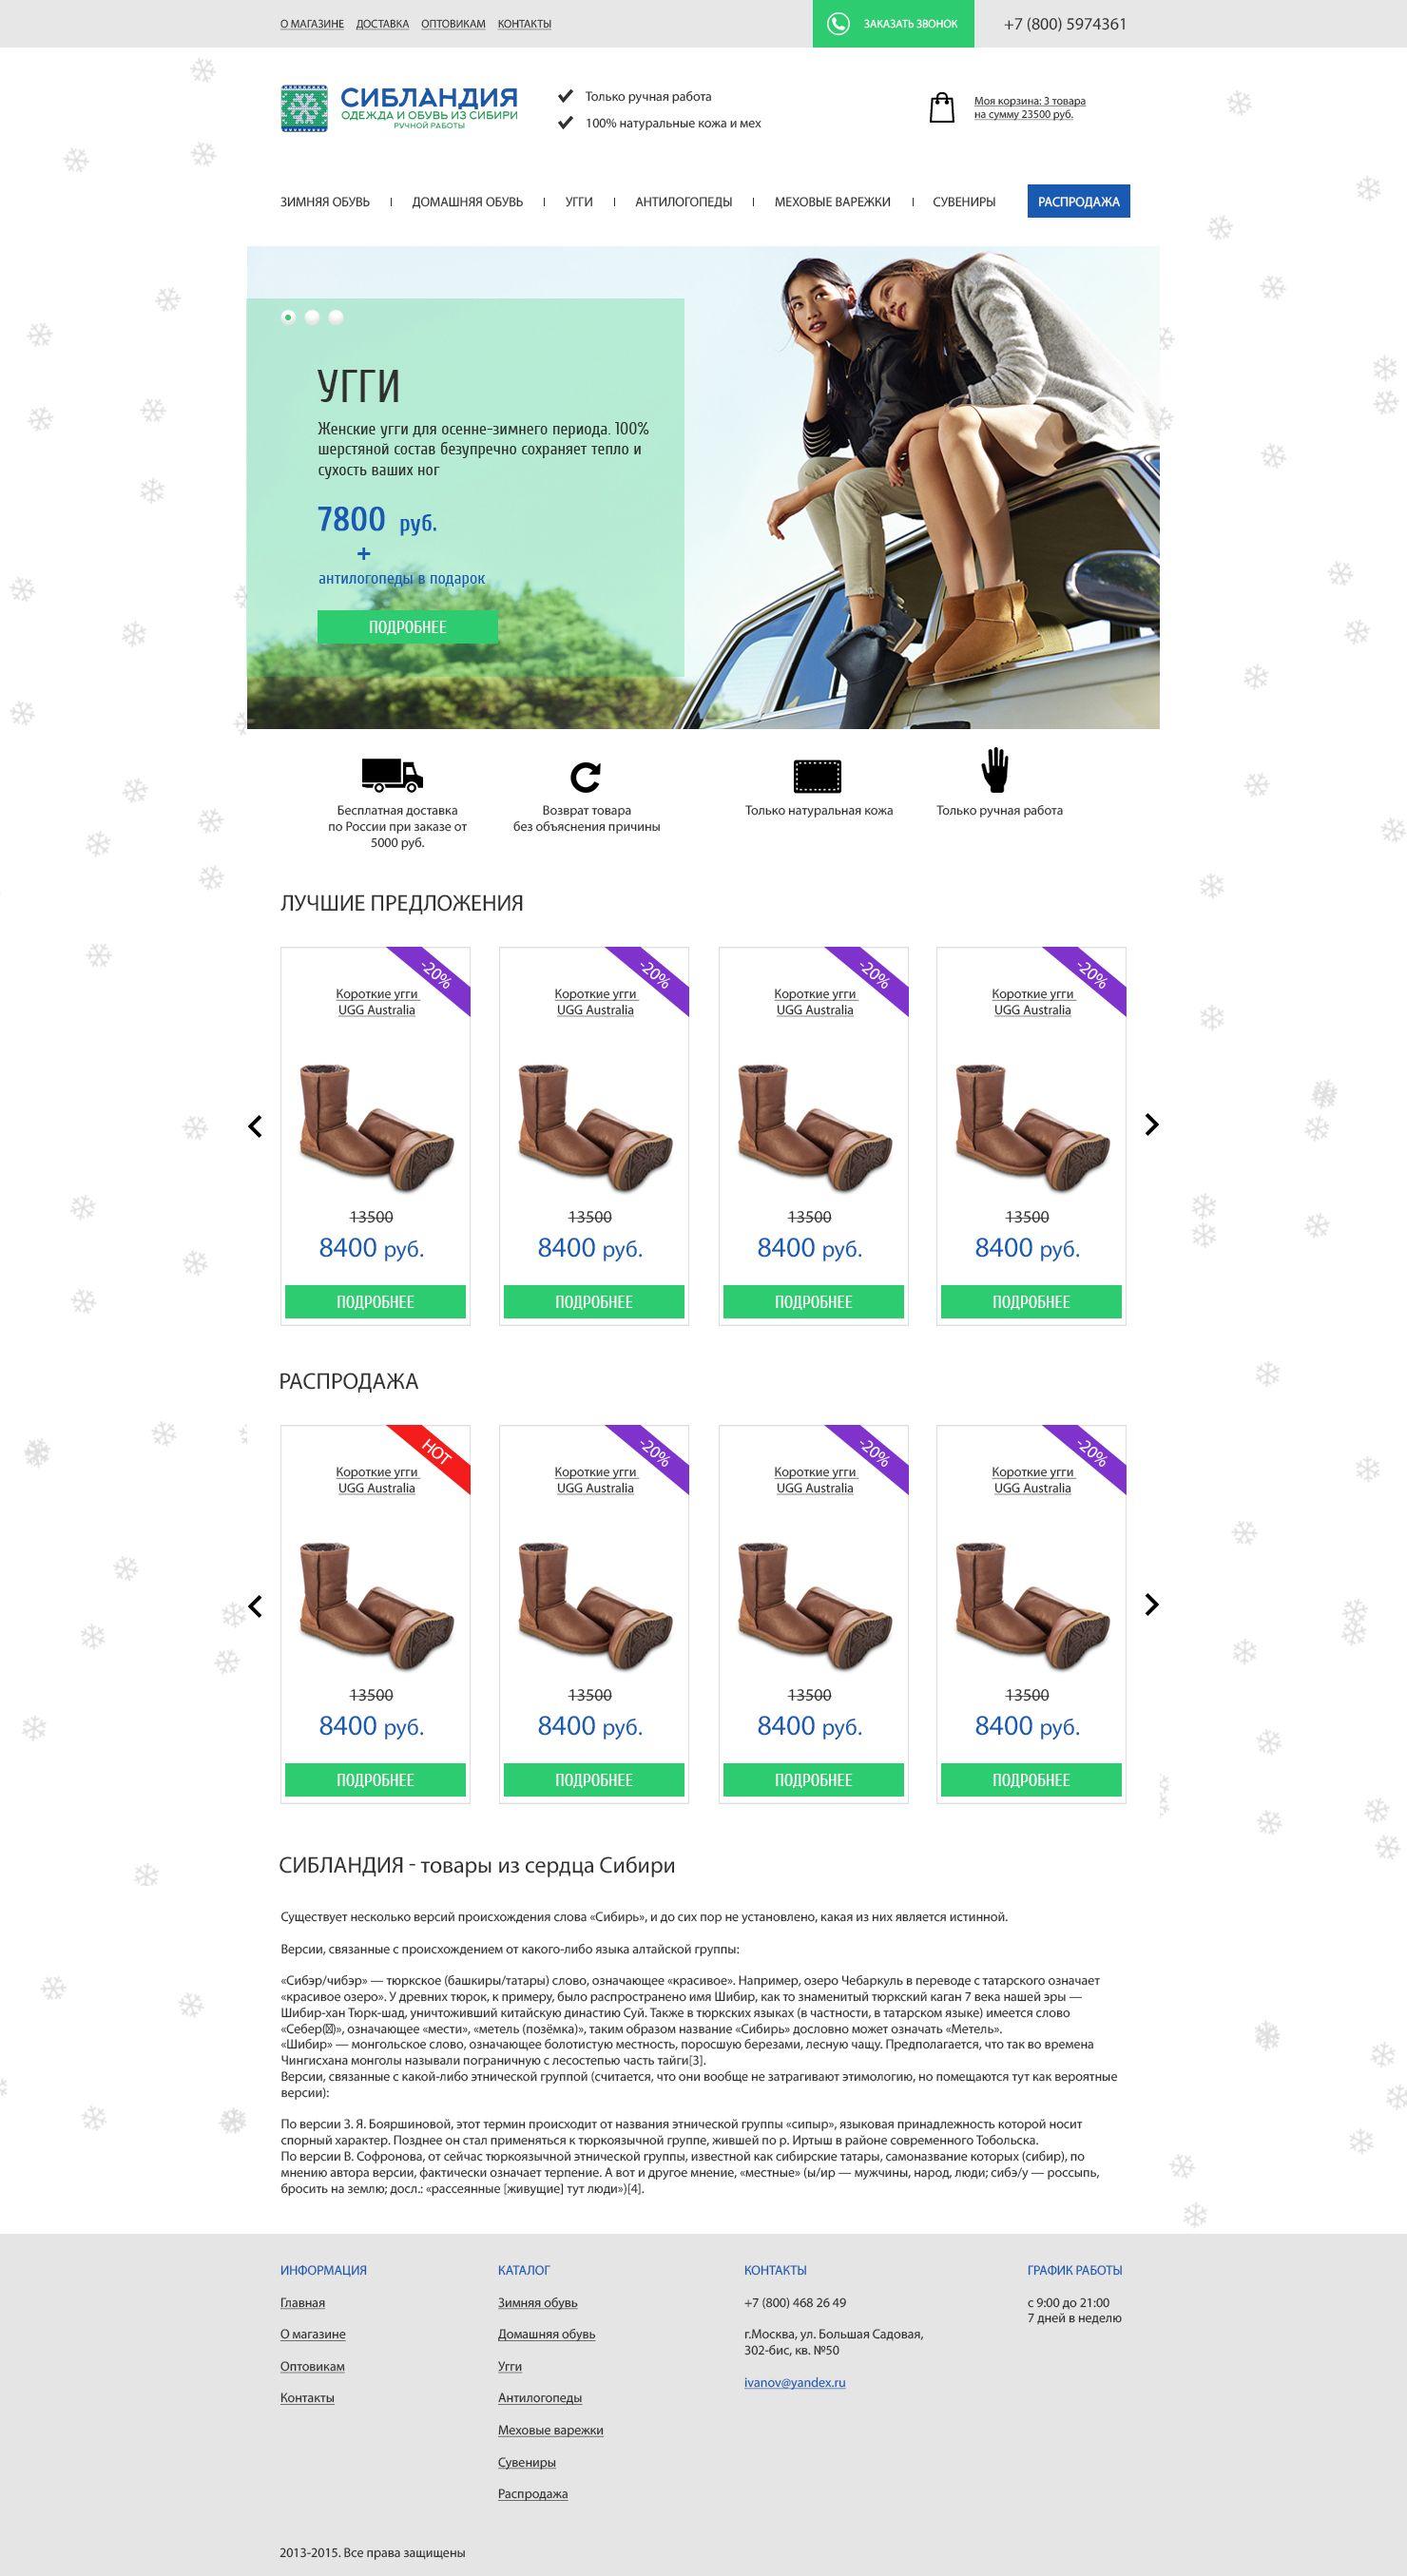 Дизайн сайта Сибландия — siblandia.ru - дизайнер TobiX